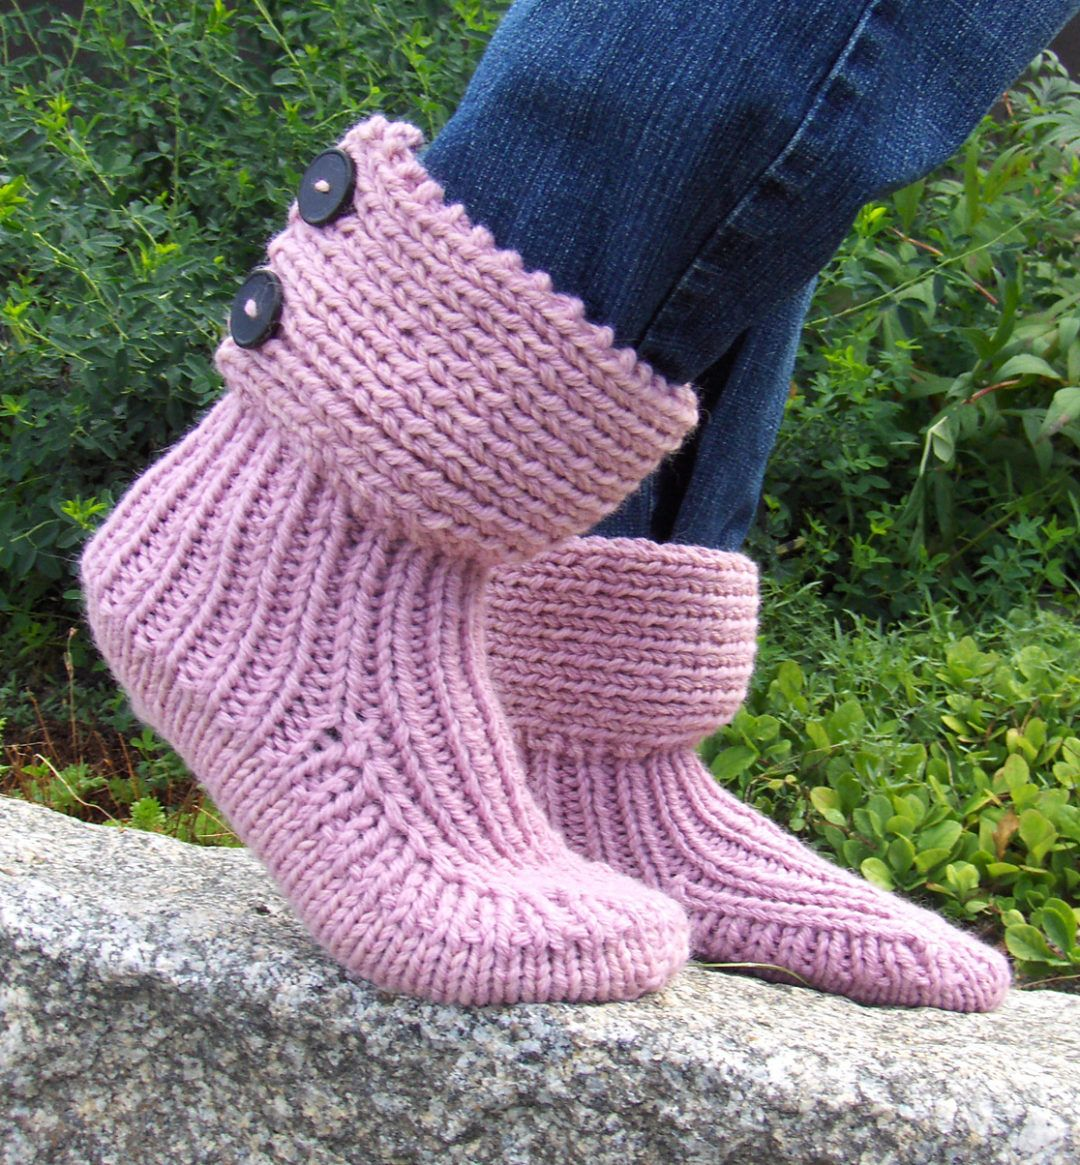 Free Knitting Pattern for Moon Socks Slipper Boots | knitting ...